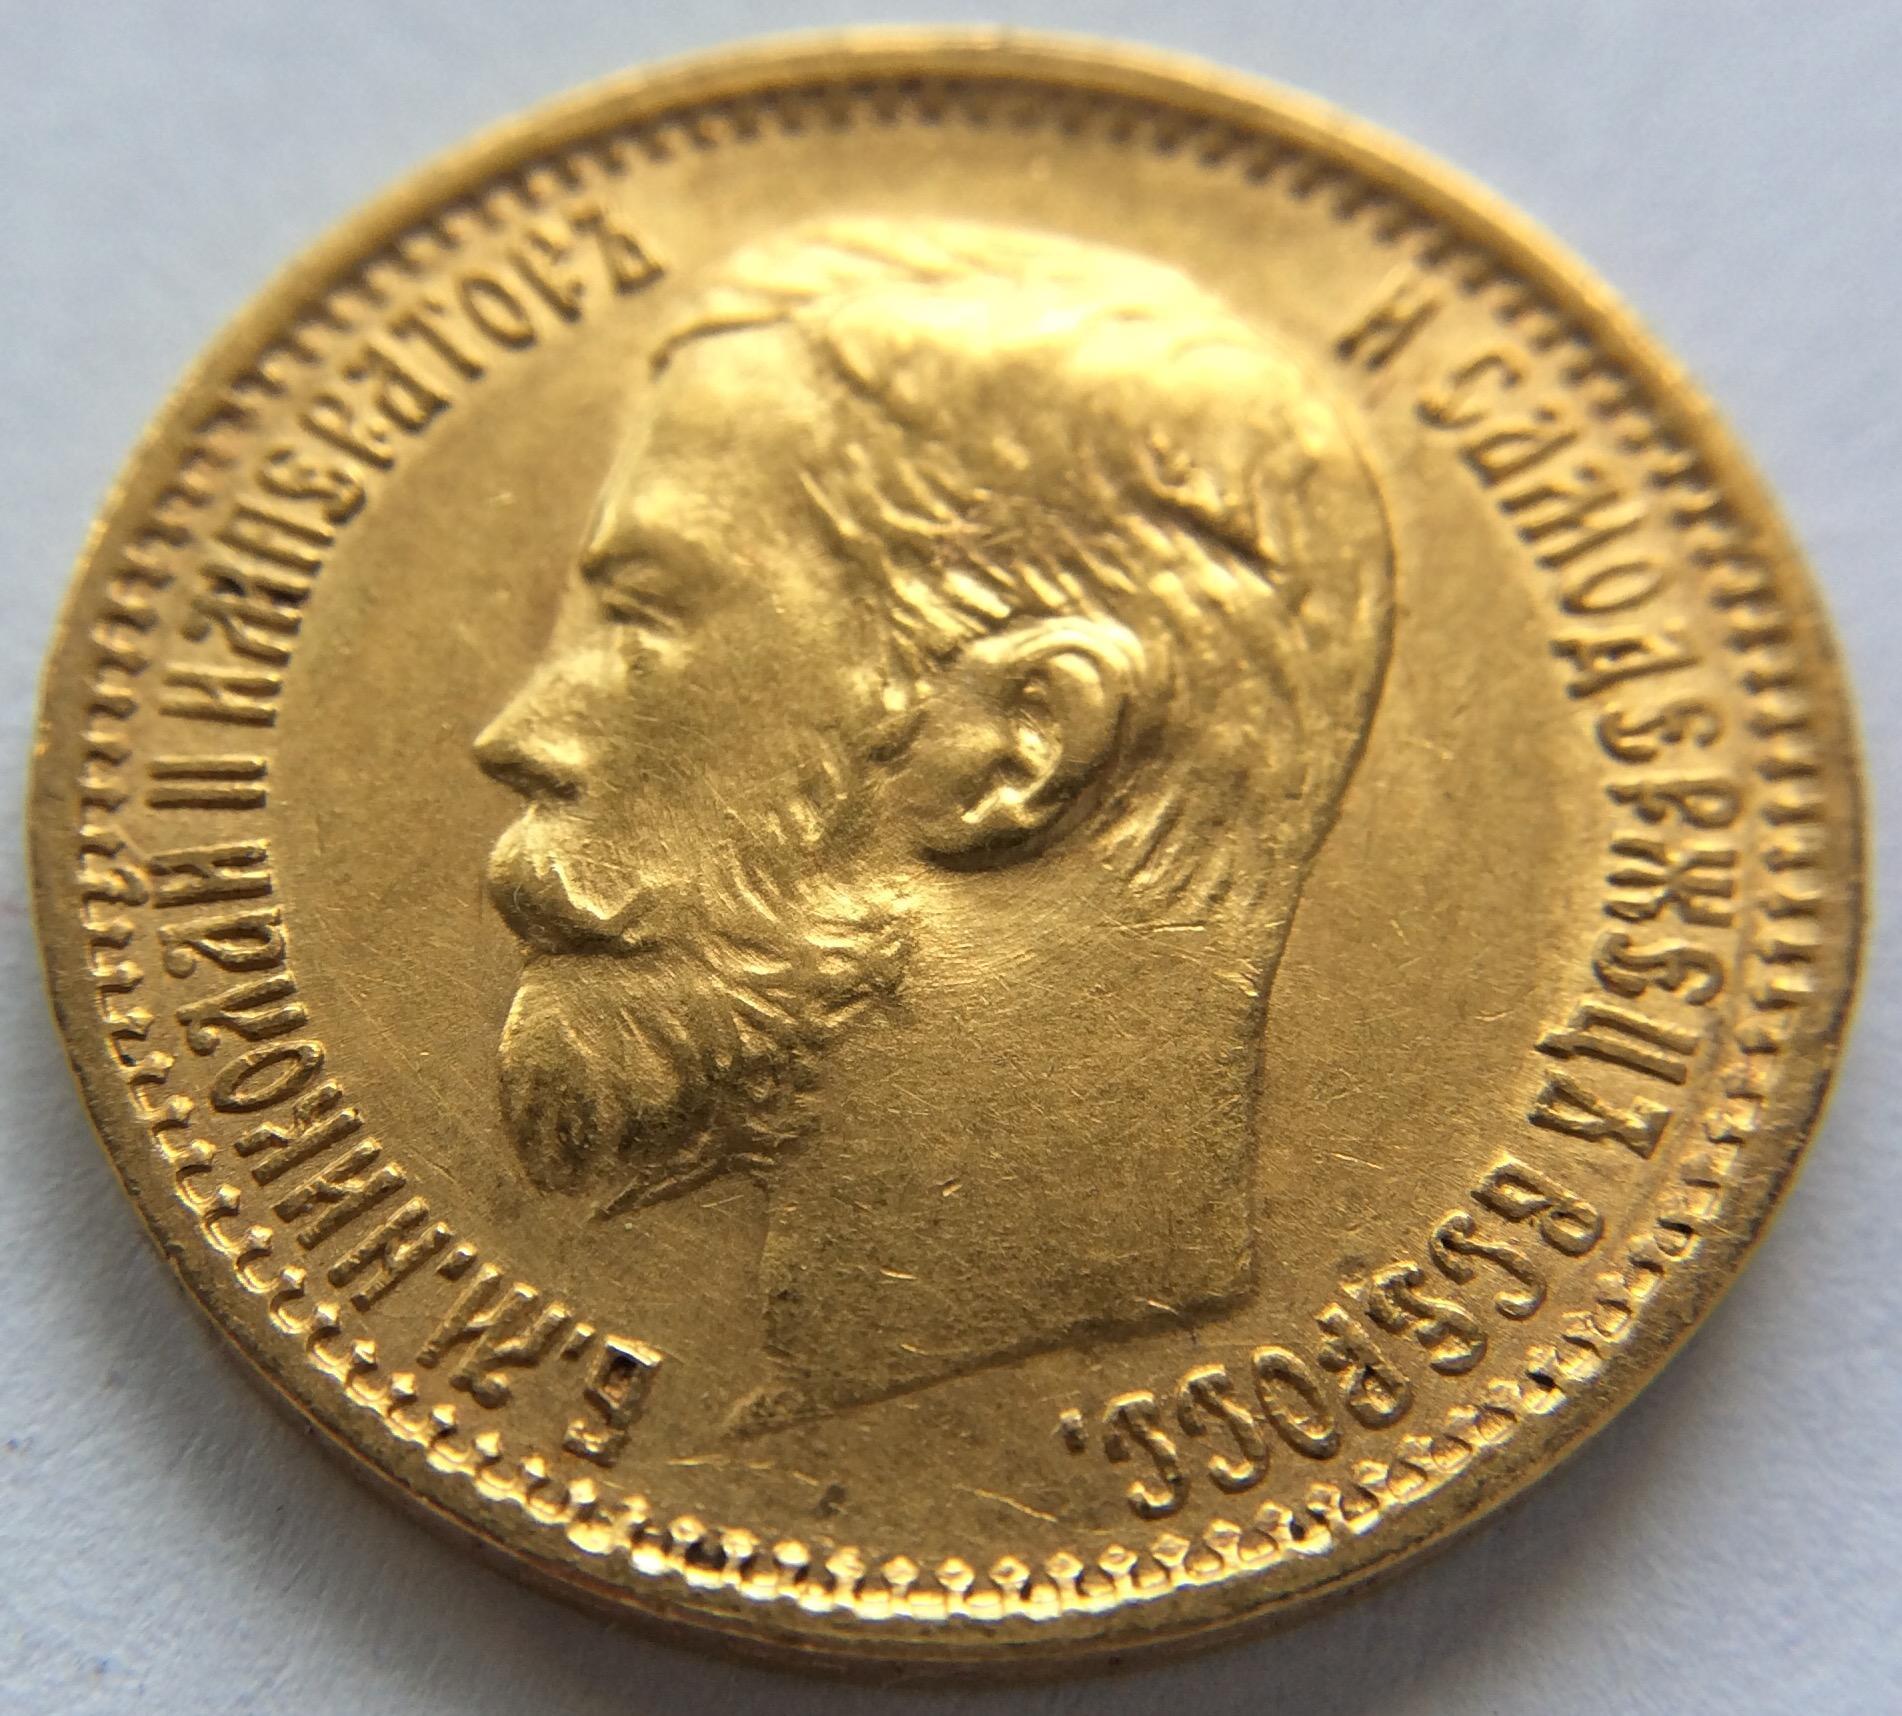 5 RUBLOS DE ORO DE 1898 - ZAR NIKOLAI II - RUSIA